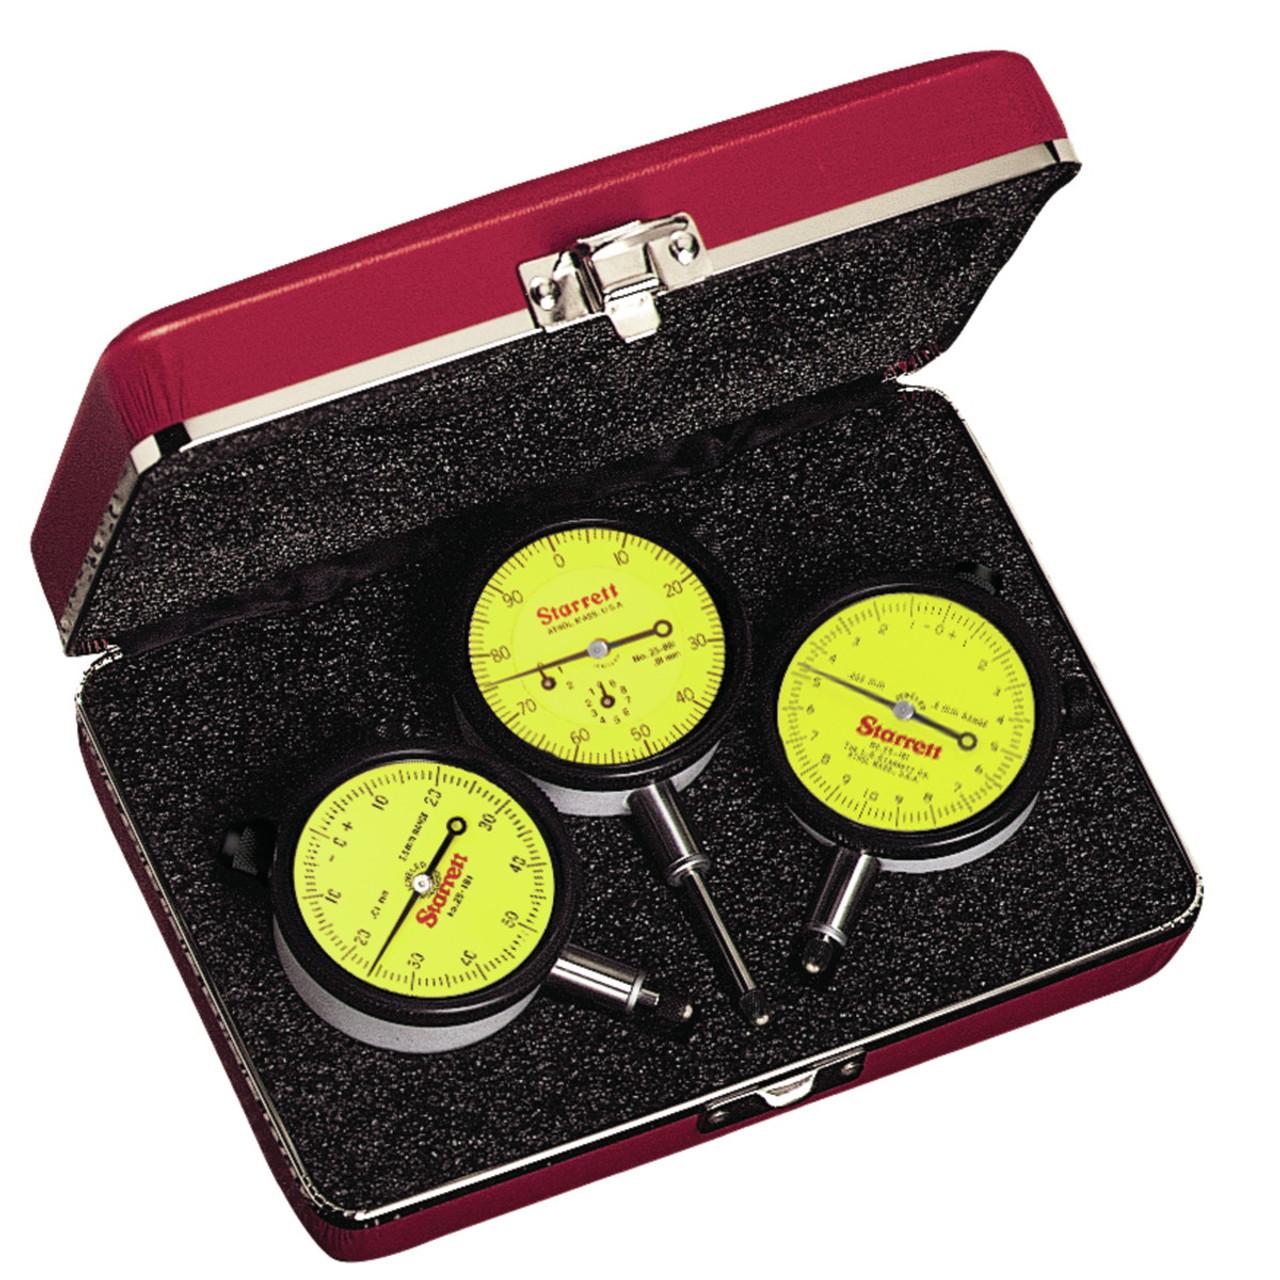 medium resolution of  s253mz edp 56283 set of 3 metric dial indicators mercado regal